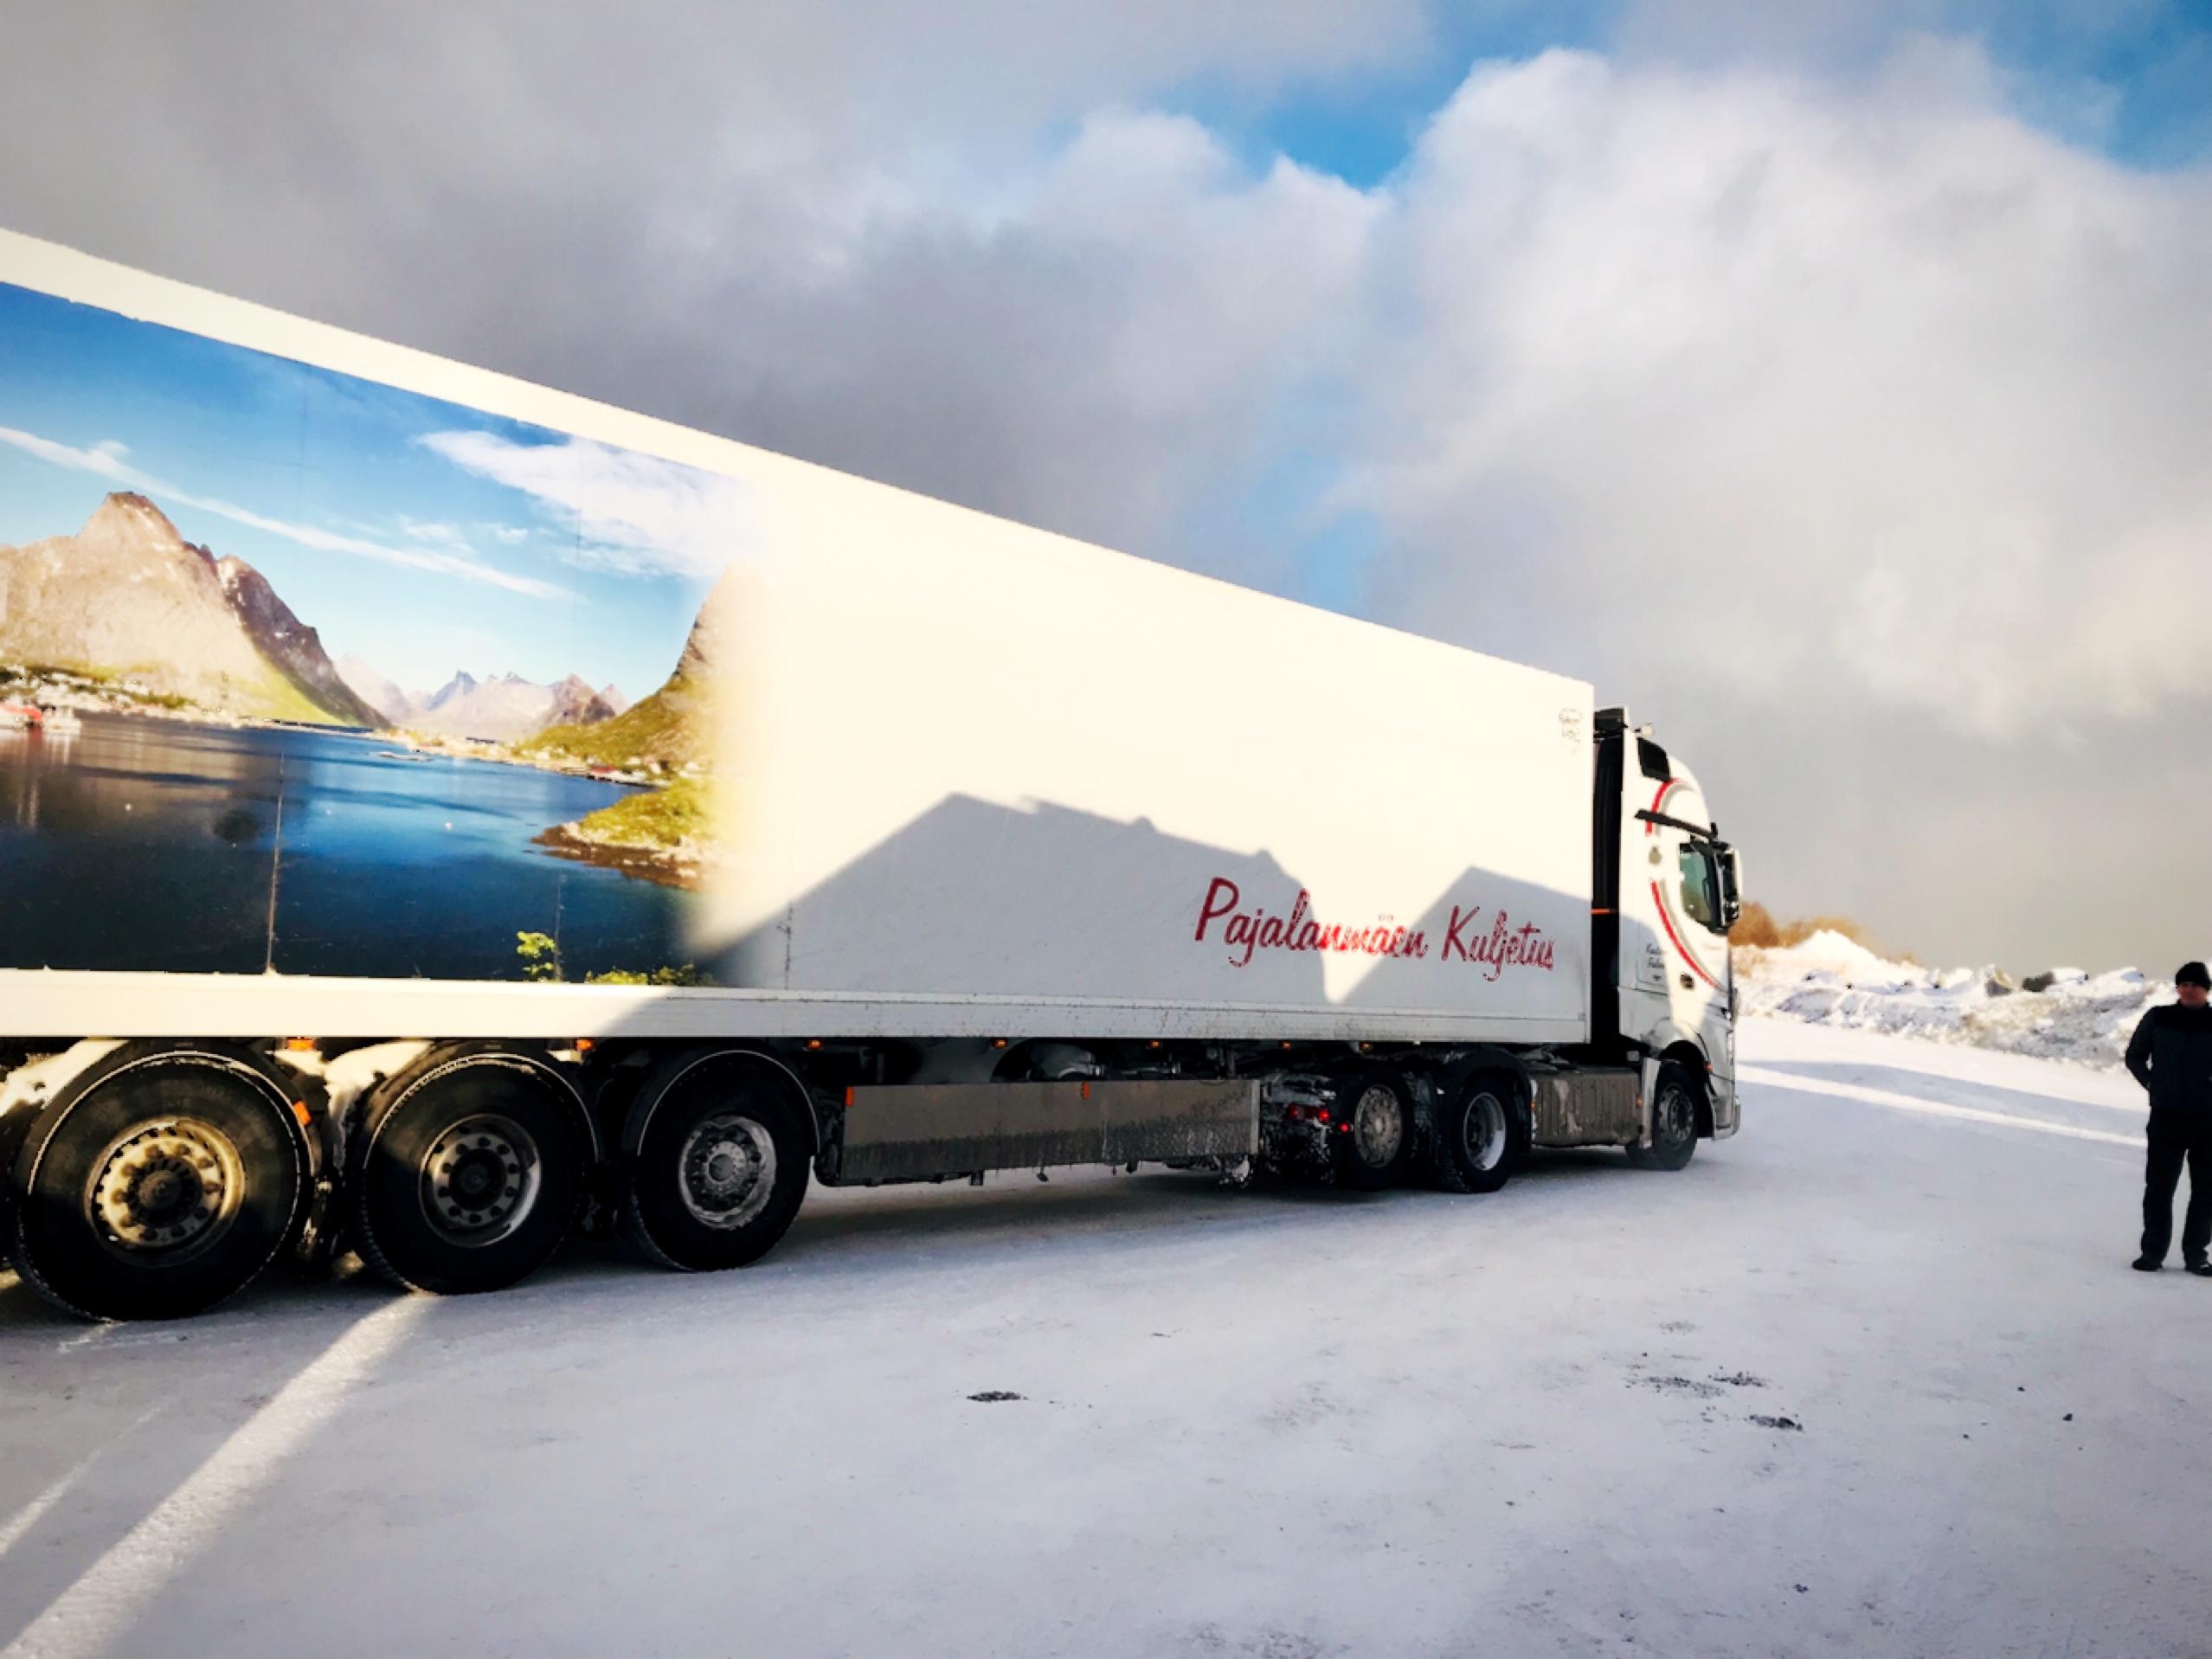 รถบรรทุกใช้ขนส่งปลาแซลมอนในประเทศนอร์เวย์ และไปยังสนามบินเพื่อส่งออกต่างประเทศ